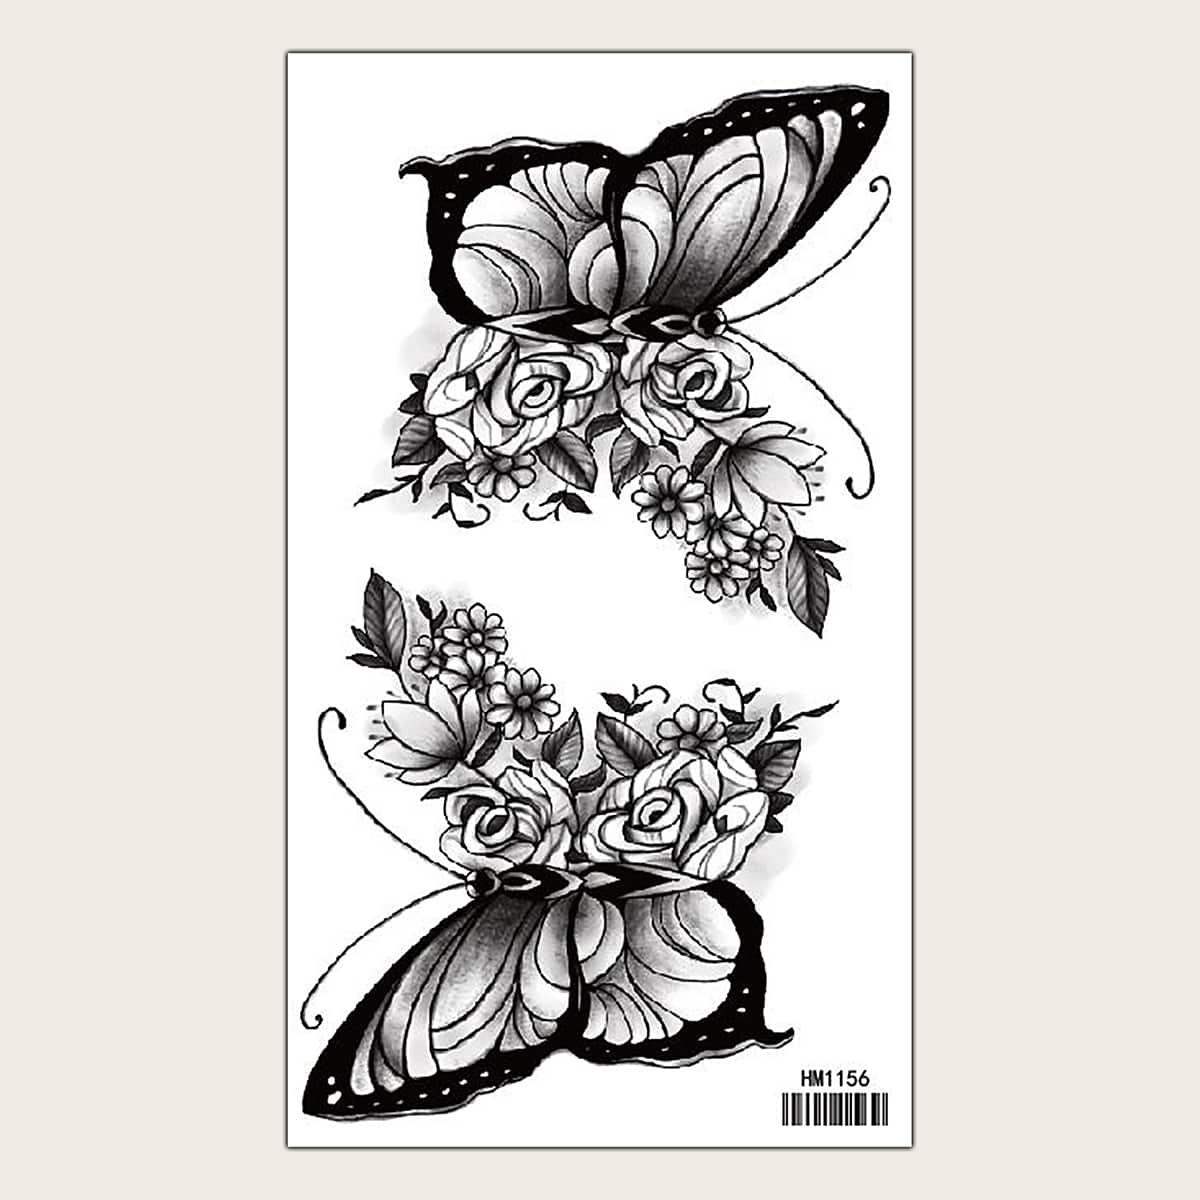 Autocollant de tatouage à motif fleur et papillon